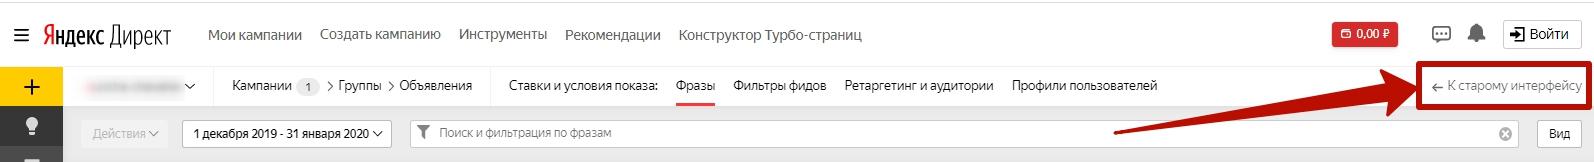 Новый интерфейс Яндекс.Директ – возврат к старому интерфейсу